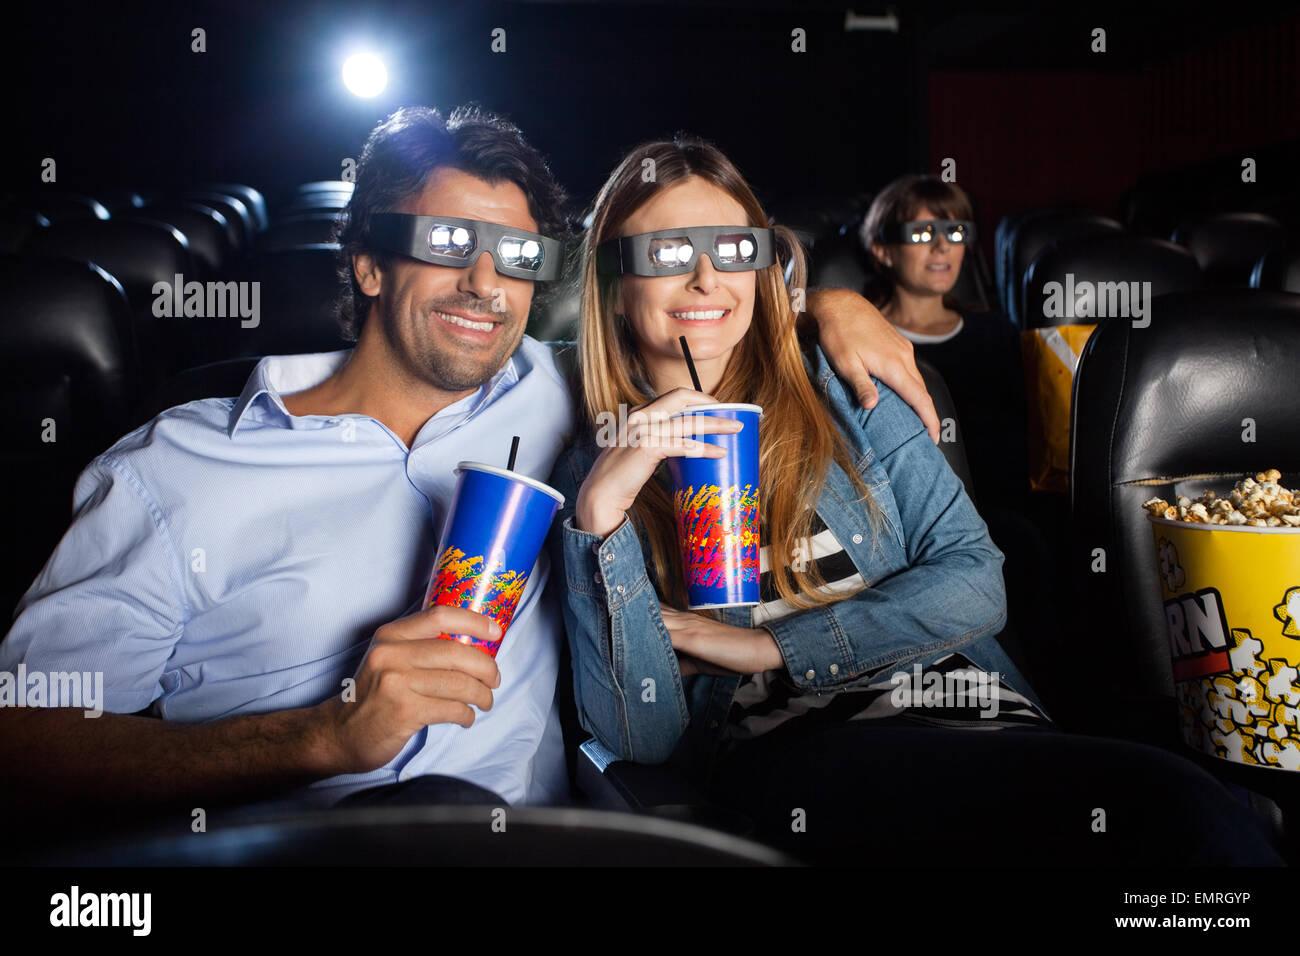 Pareja feliz viendo películas en 3D en el teatro Imagen De Stock